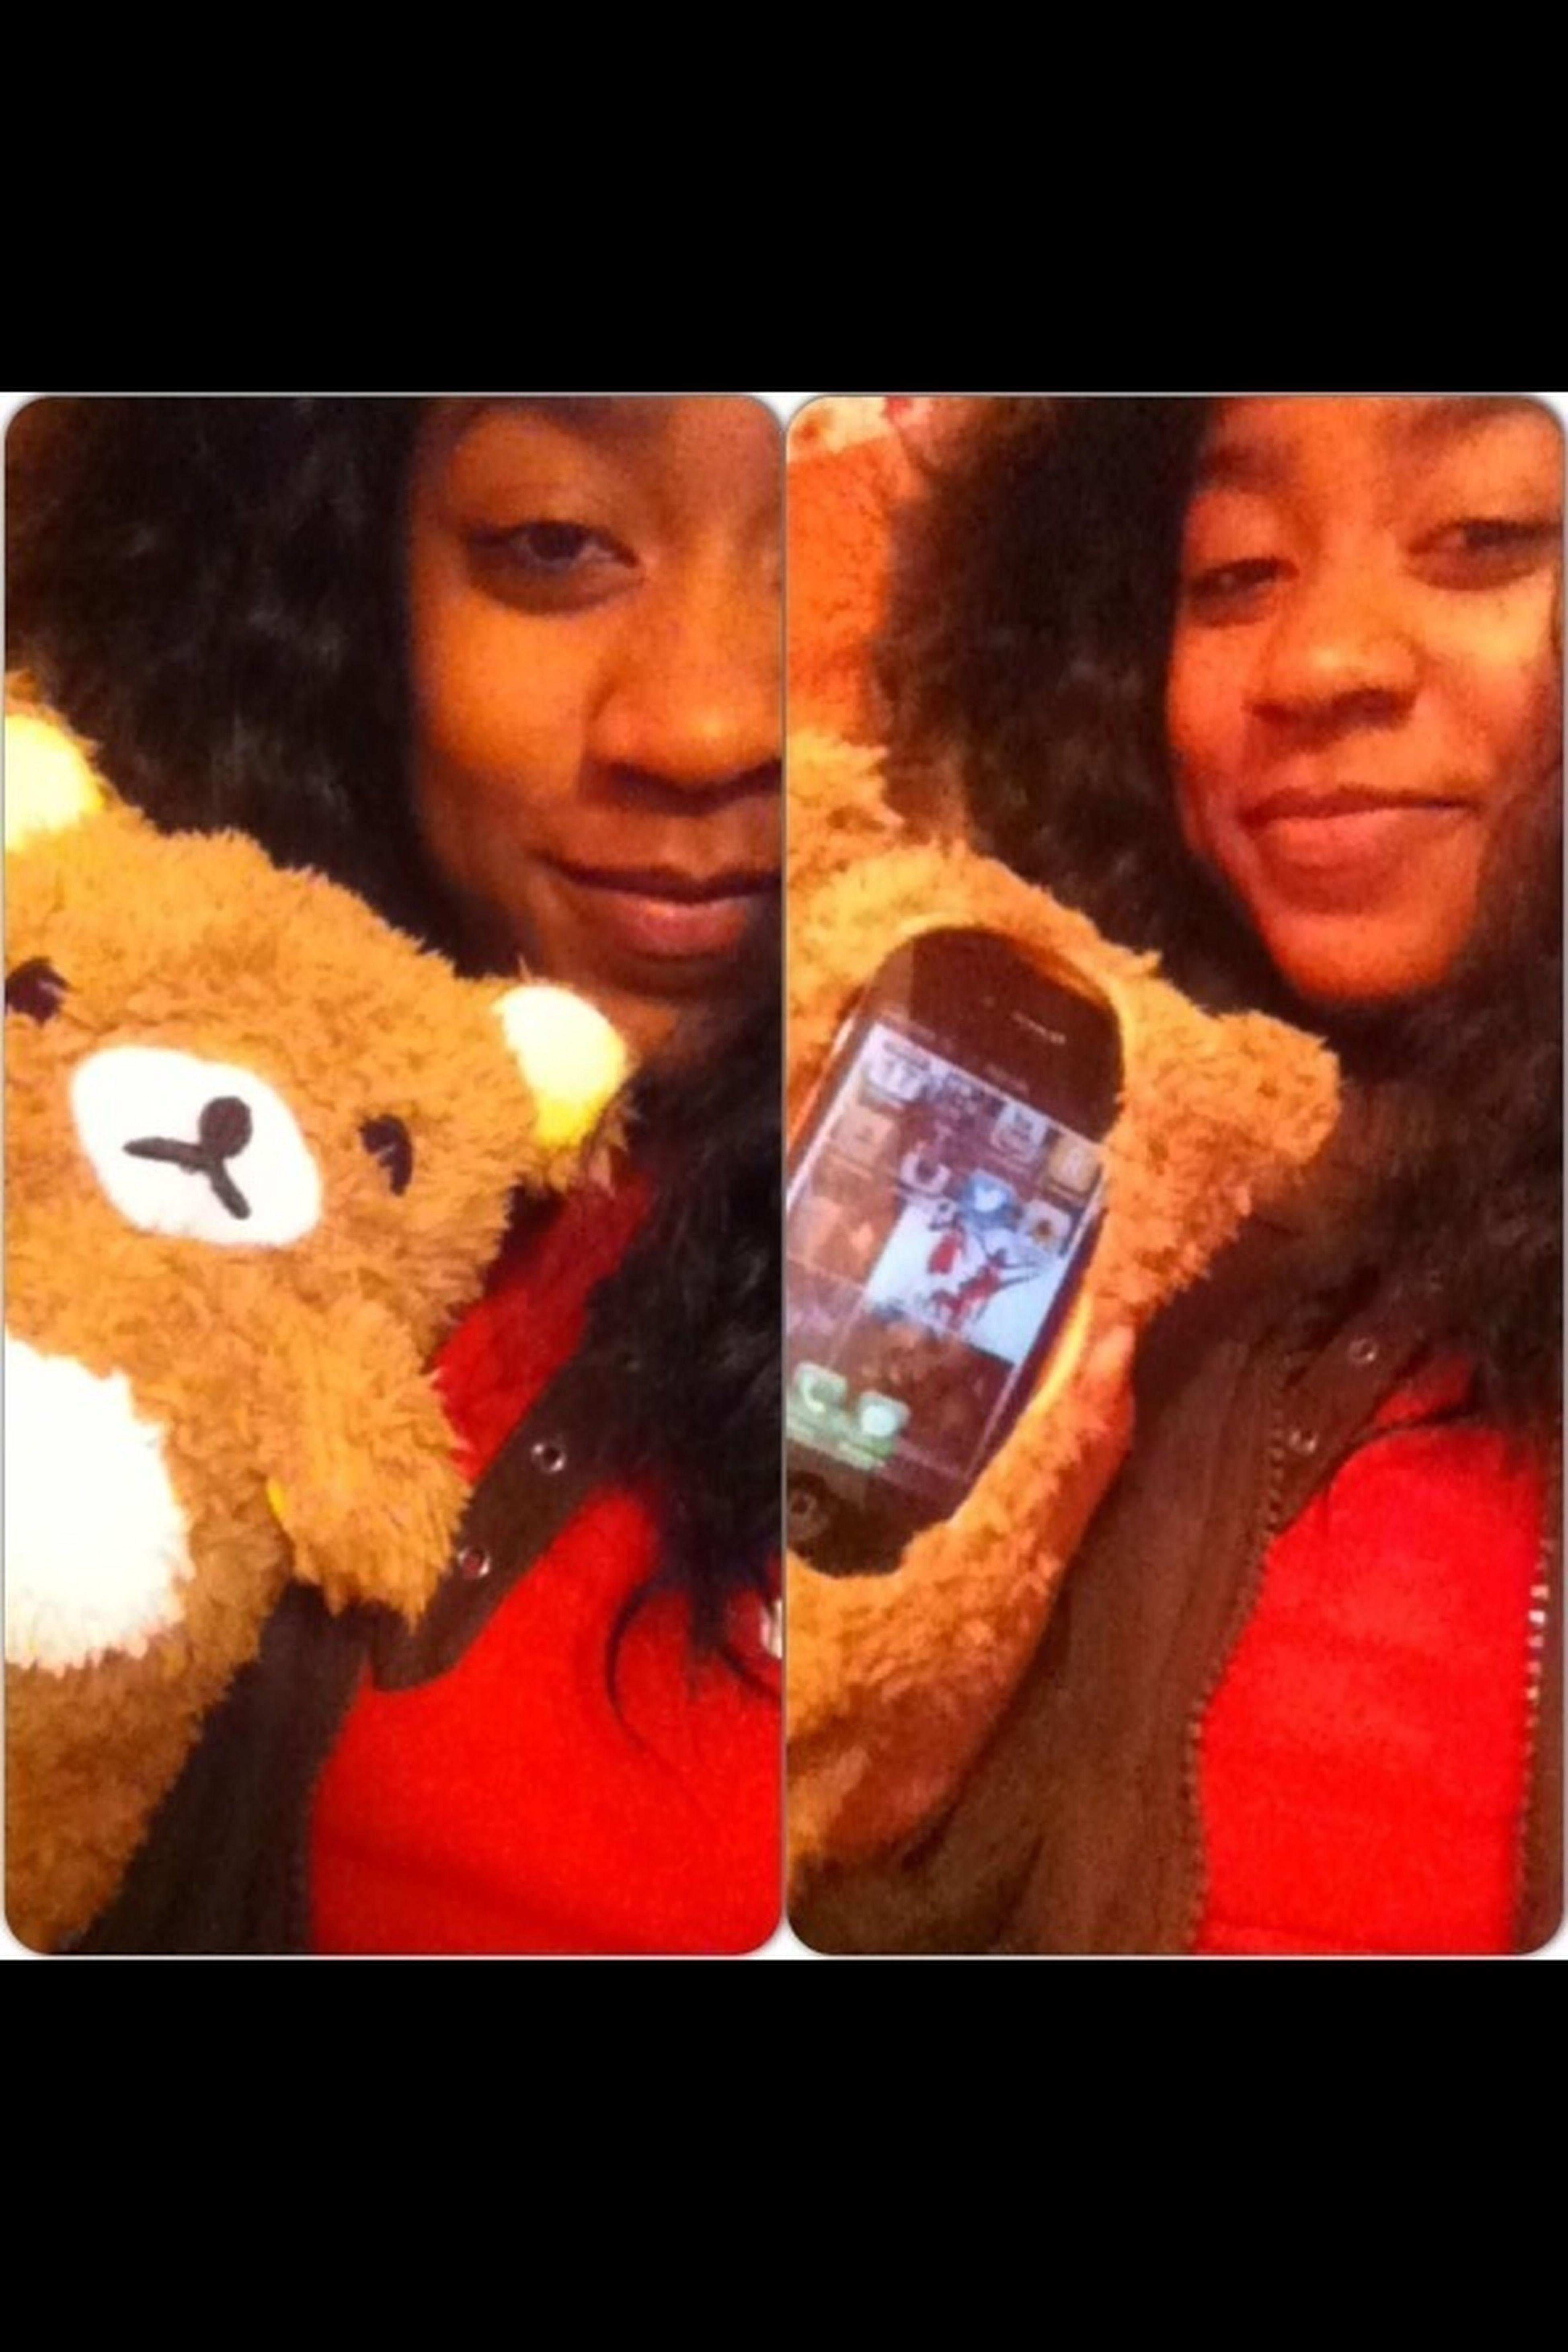 my teddy bear case - EyeEm my teddy bear case - 웹